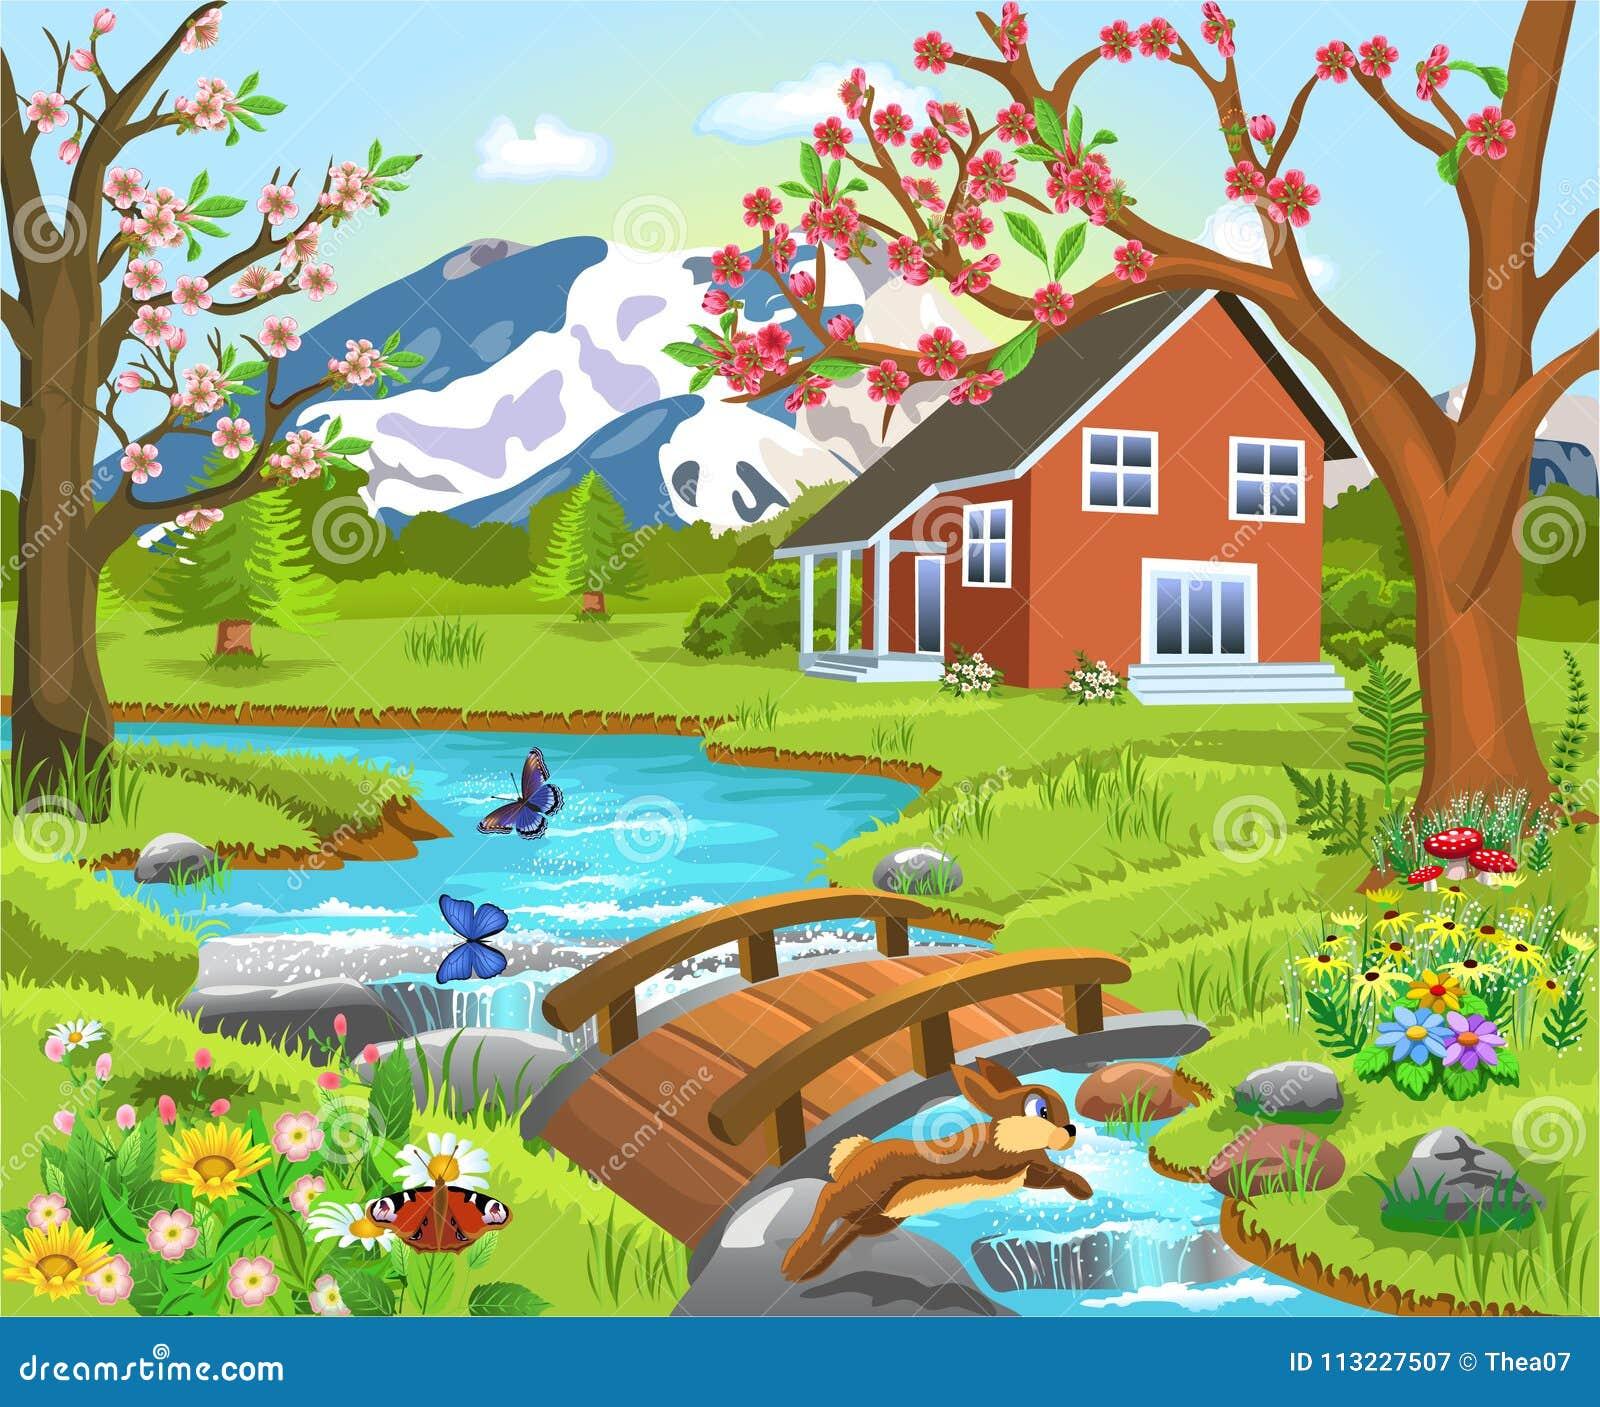 House Landscape Images: Cartoon Illustration Of A Spring Natural Landscape Stock